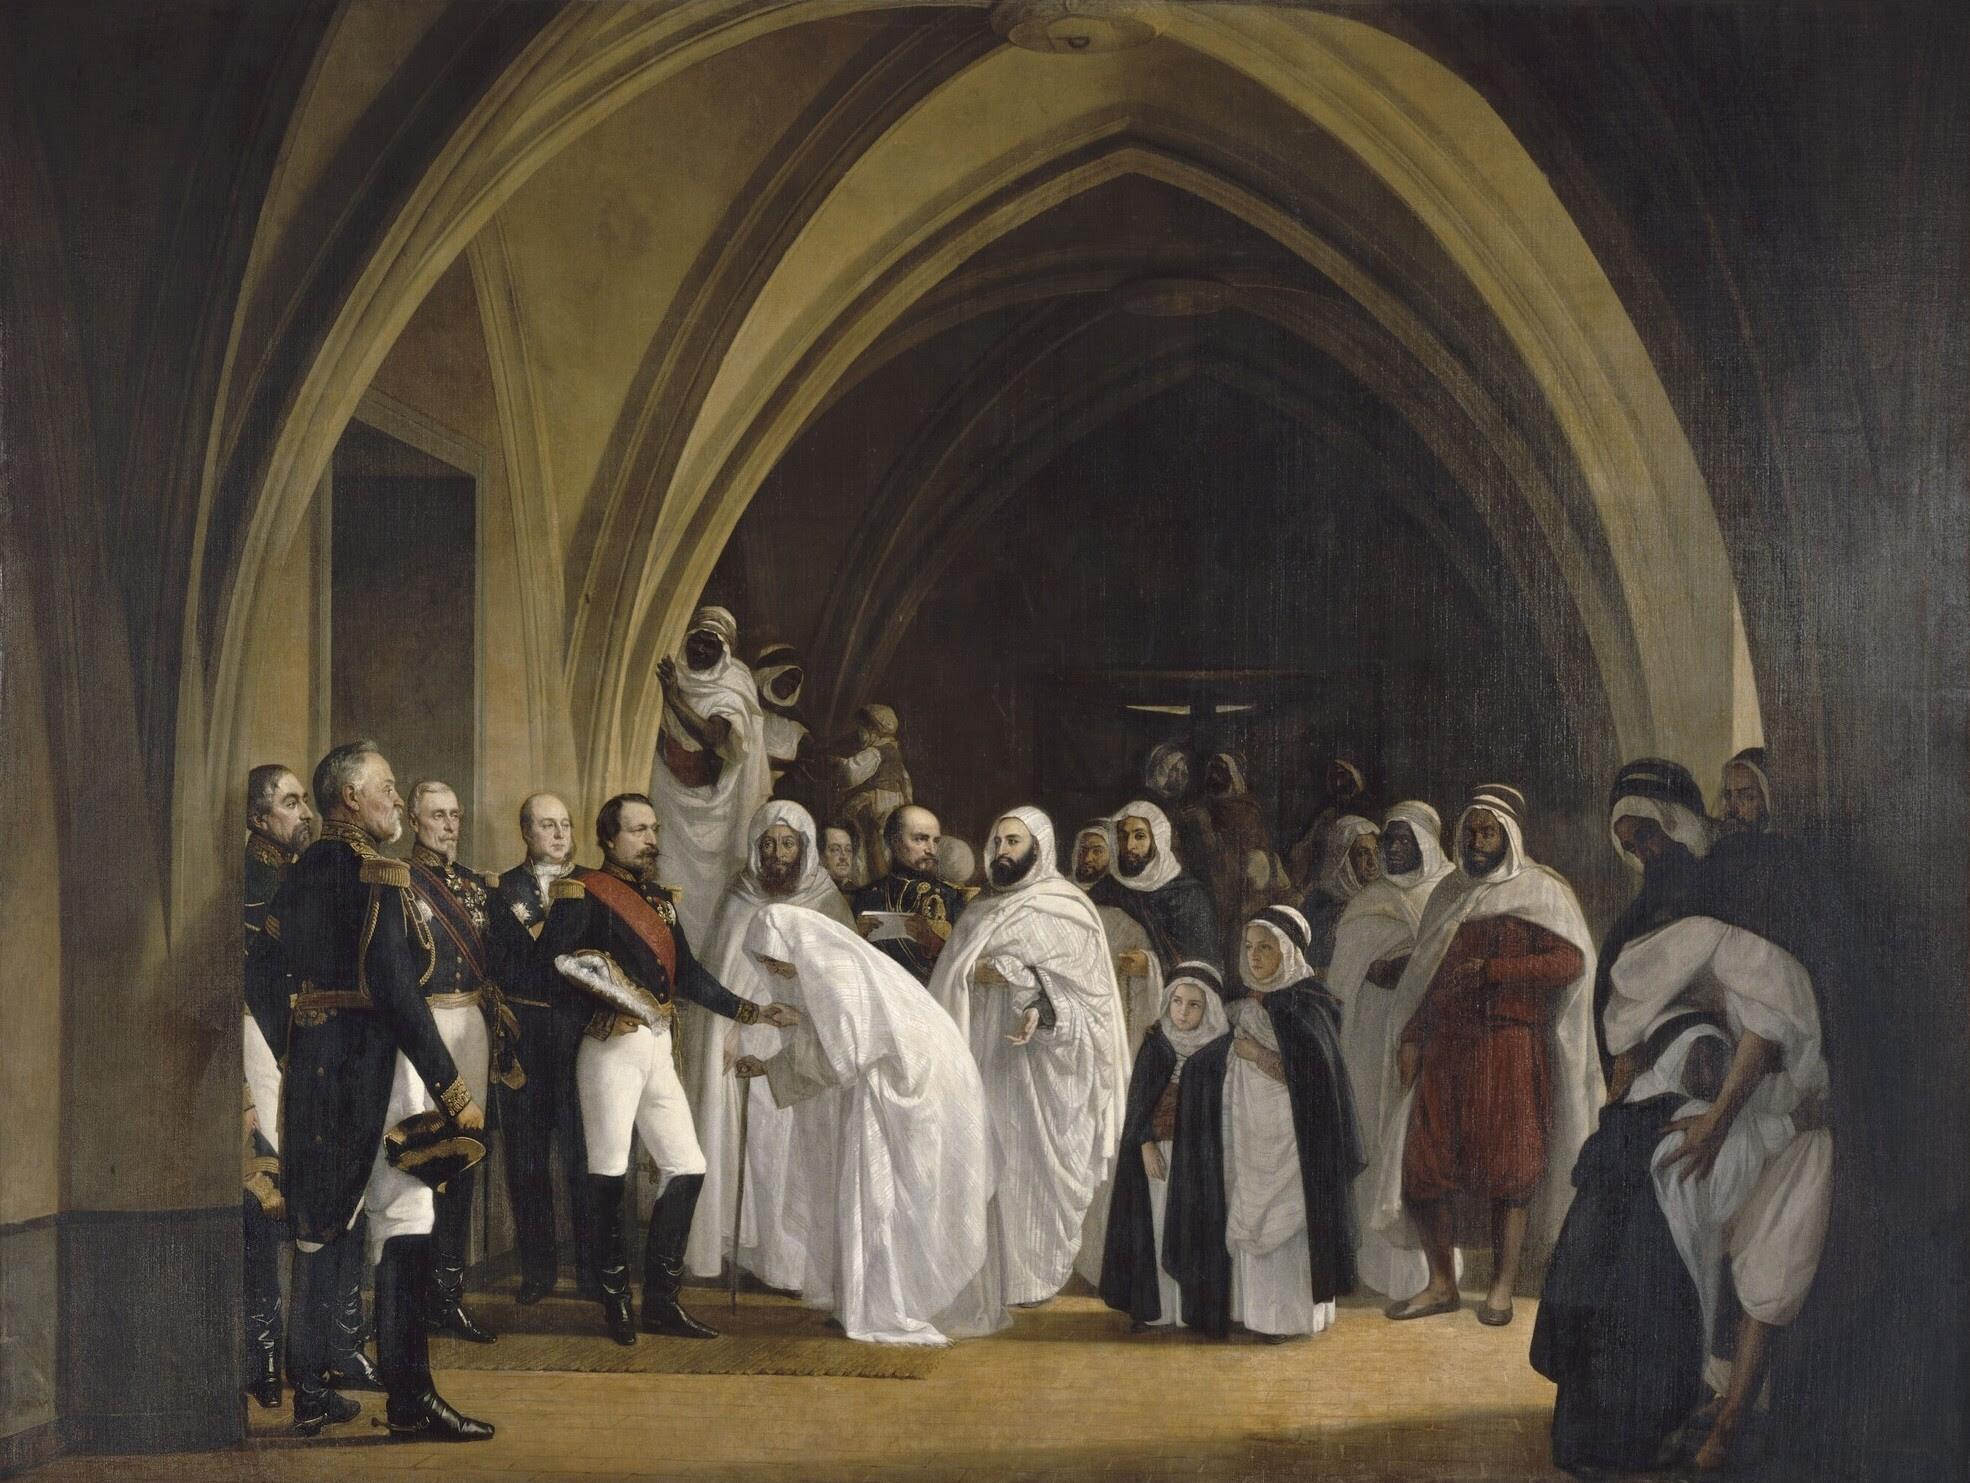 File:Abd-EL-Kader-And-Napoleon-III.jpg